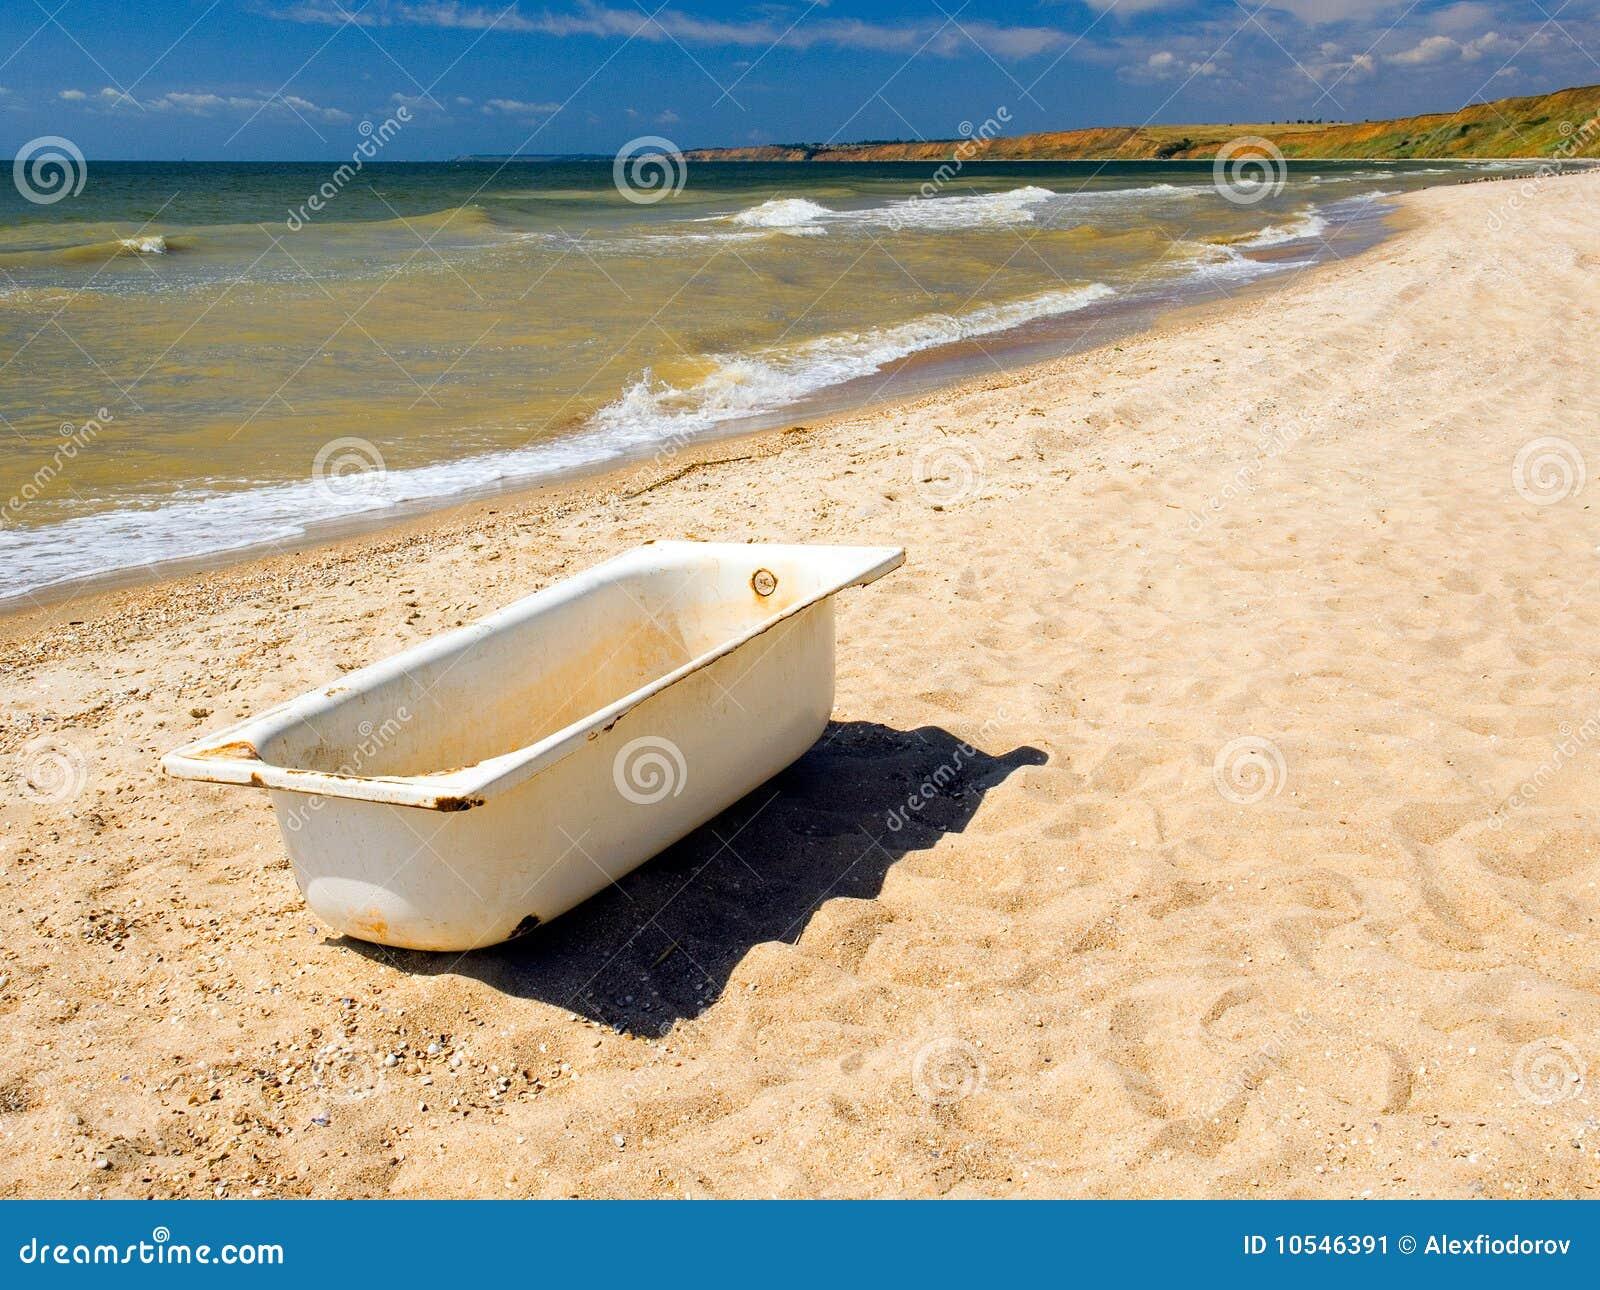 Vasca da bagno immagine stock immagine di ridicolo - Vasca da bagno vecchia ...